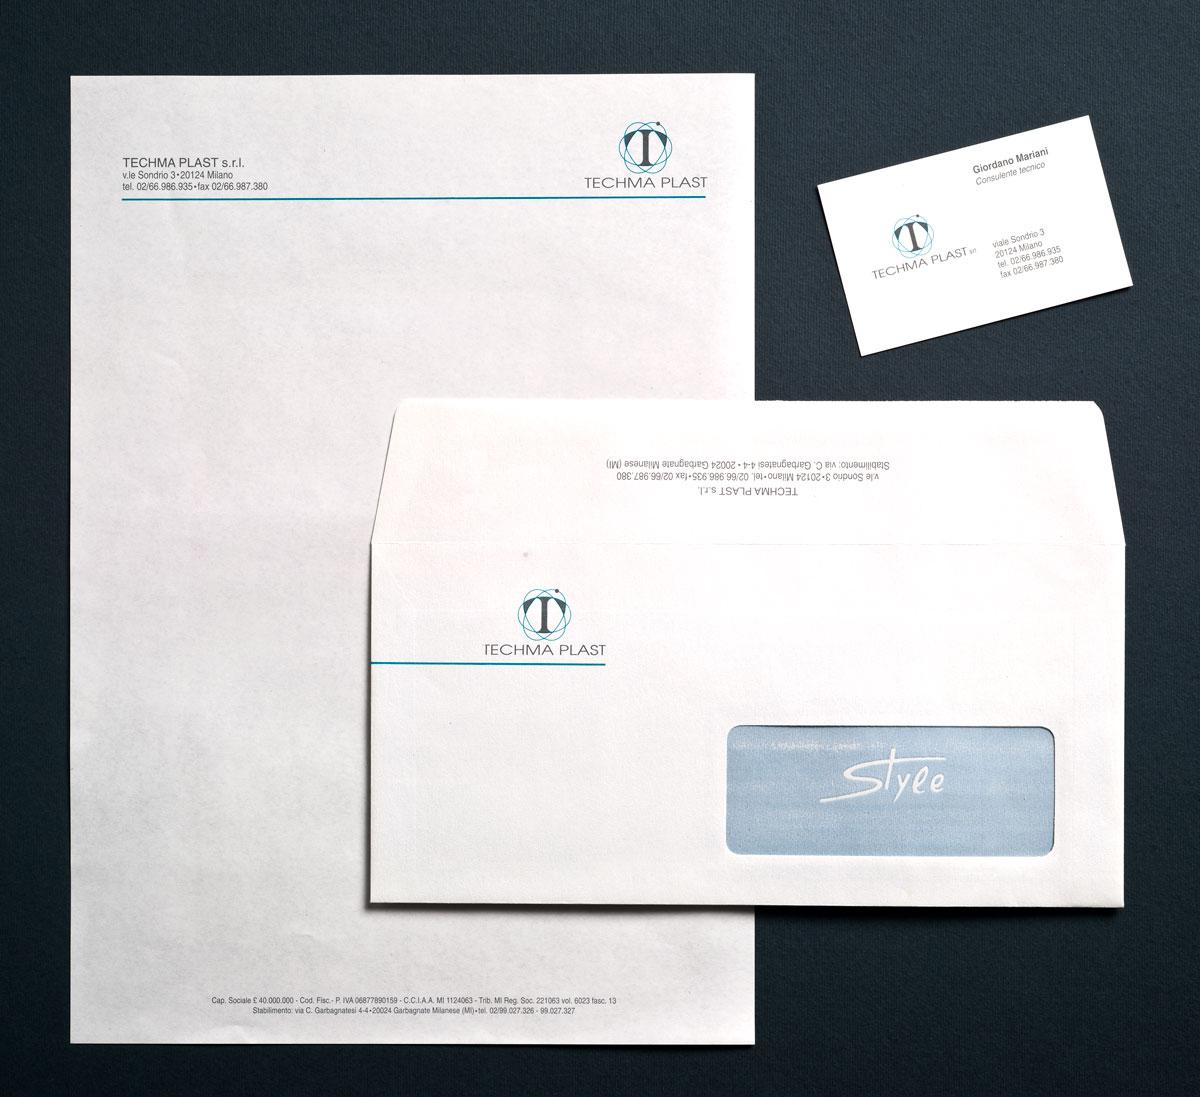 BriefingMilano-immagine-coordinata-TECHMA-PLAST